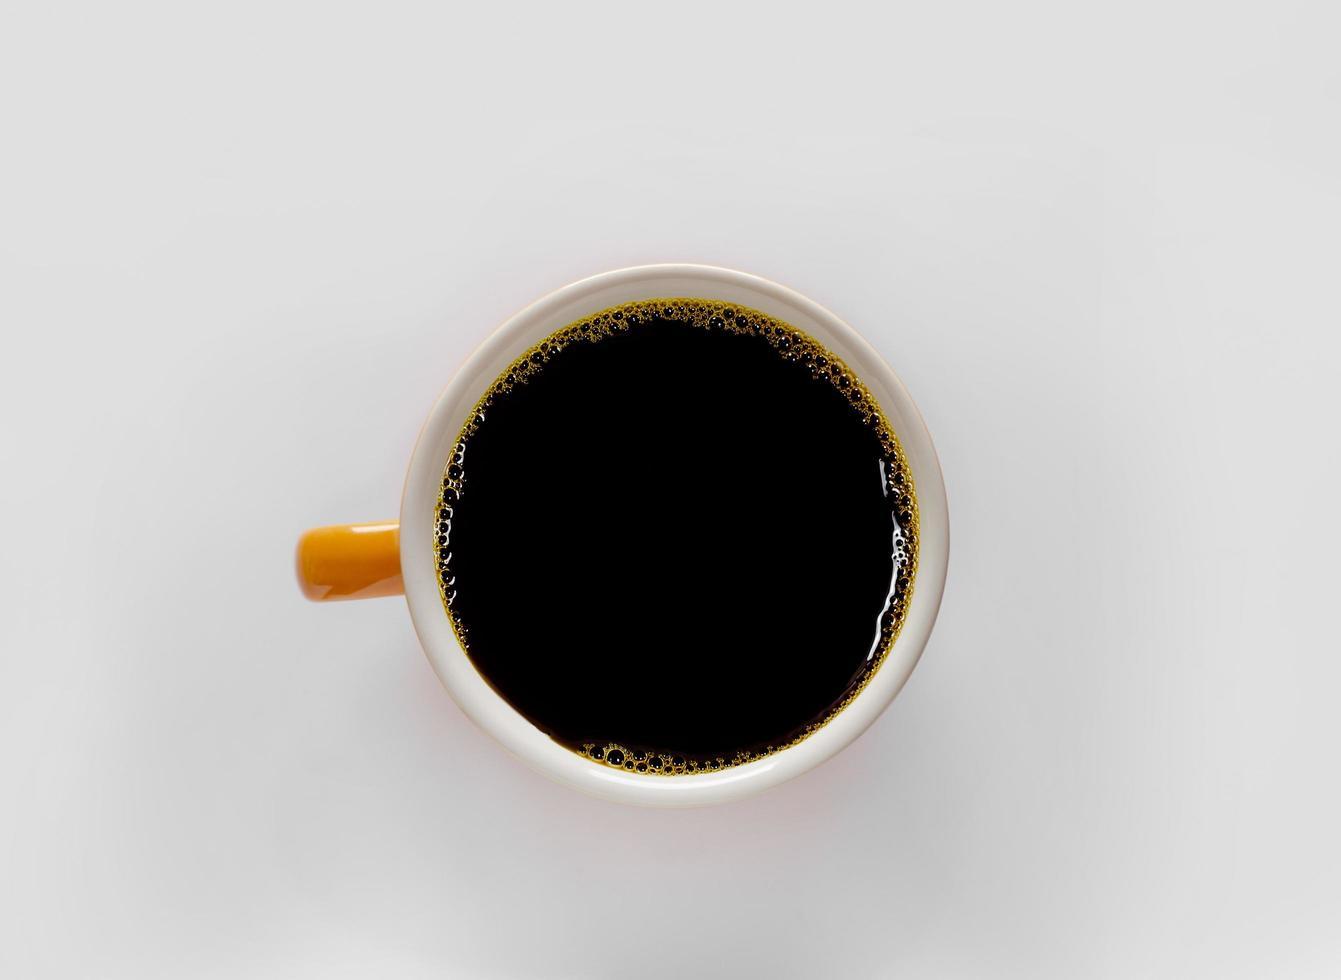 vista piatta laici di caffè nero in una tazza arancione brillante foto